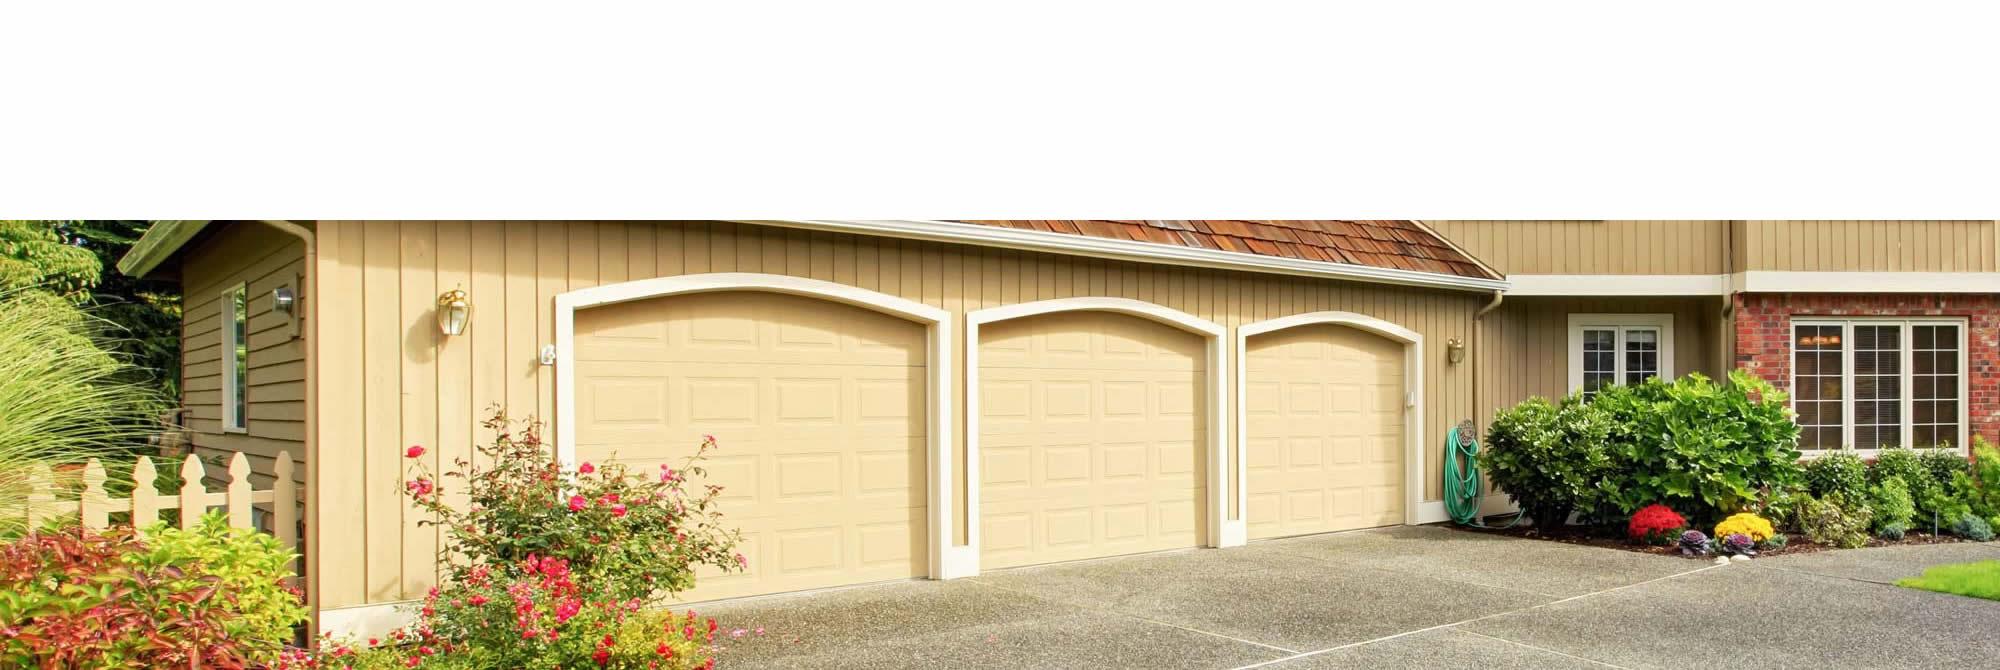 Everett Garage Door Installation And Repair The Doorhouse